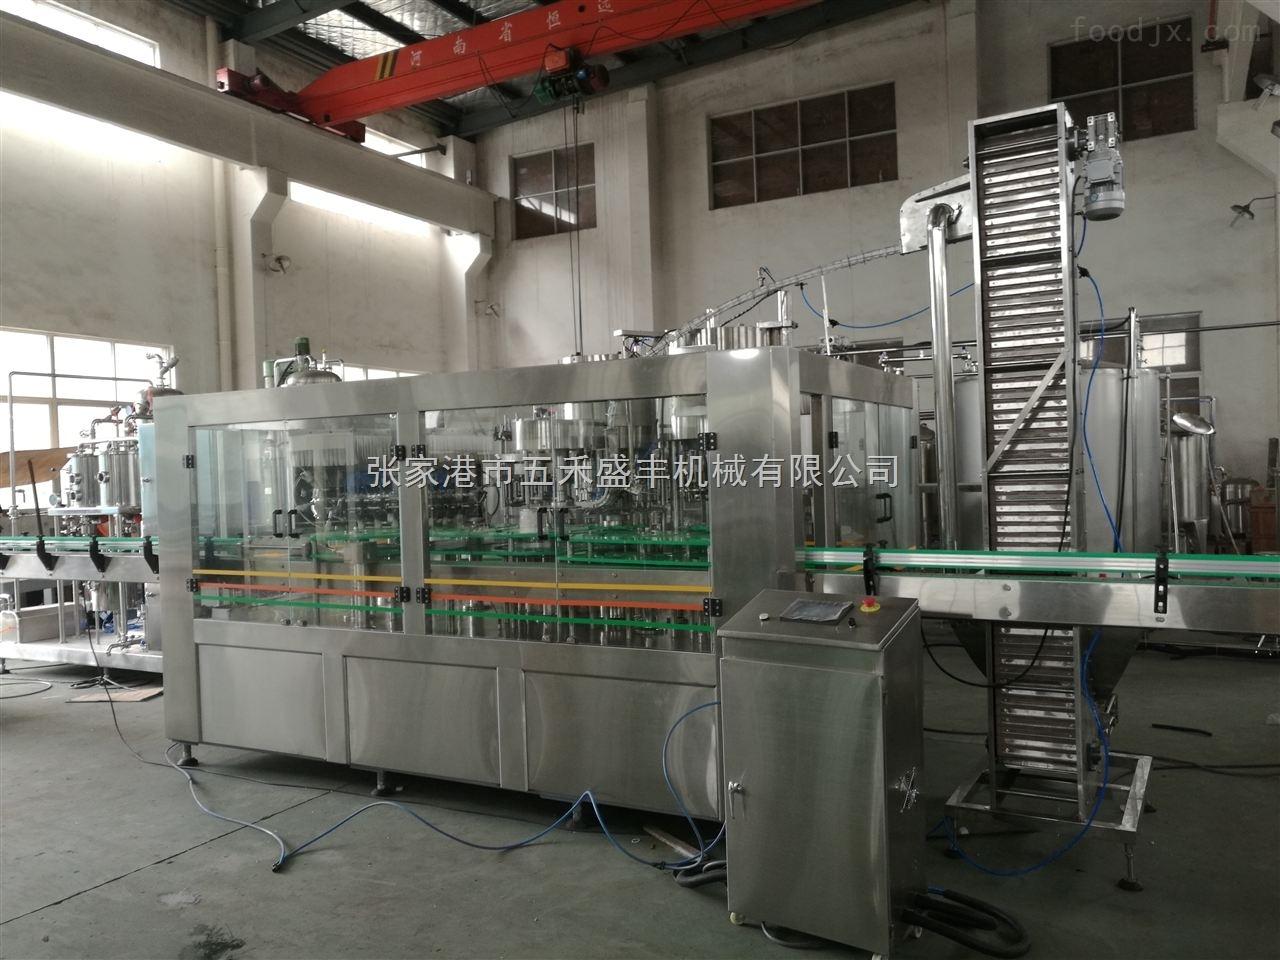 不锈钢含气饮料灌装设备生产线